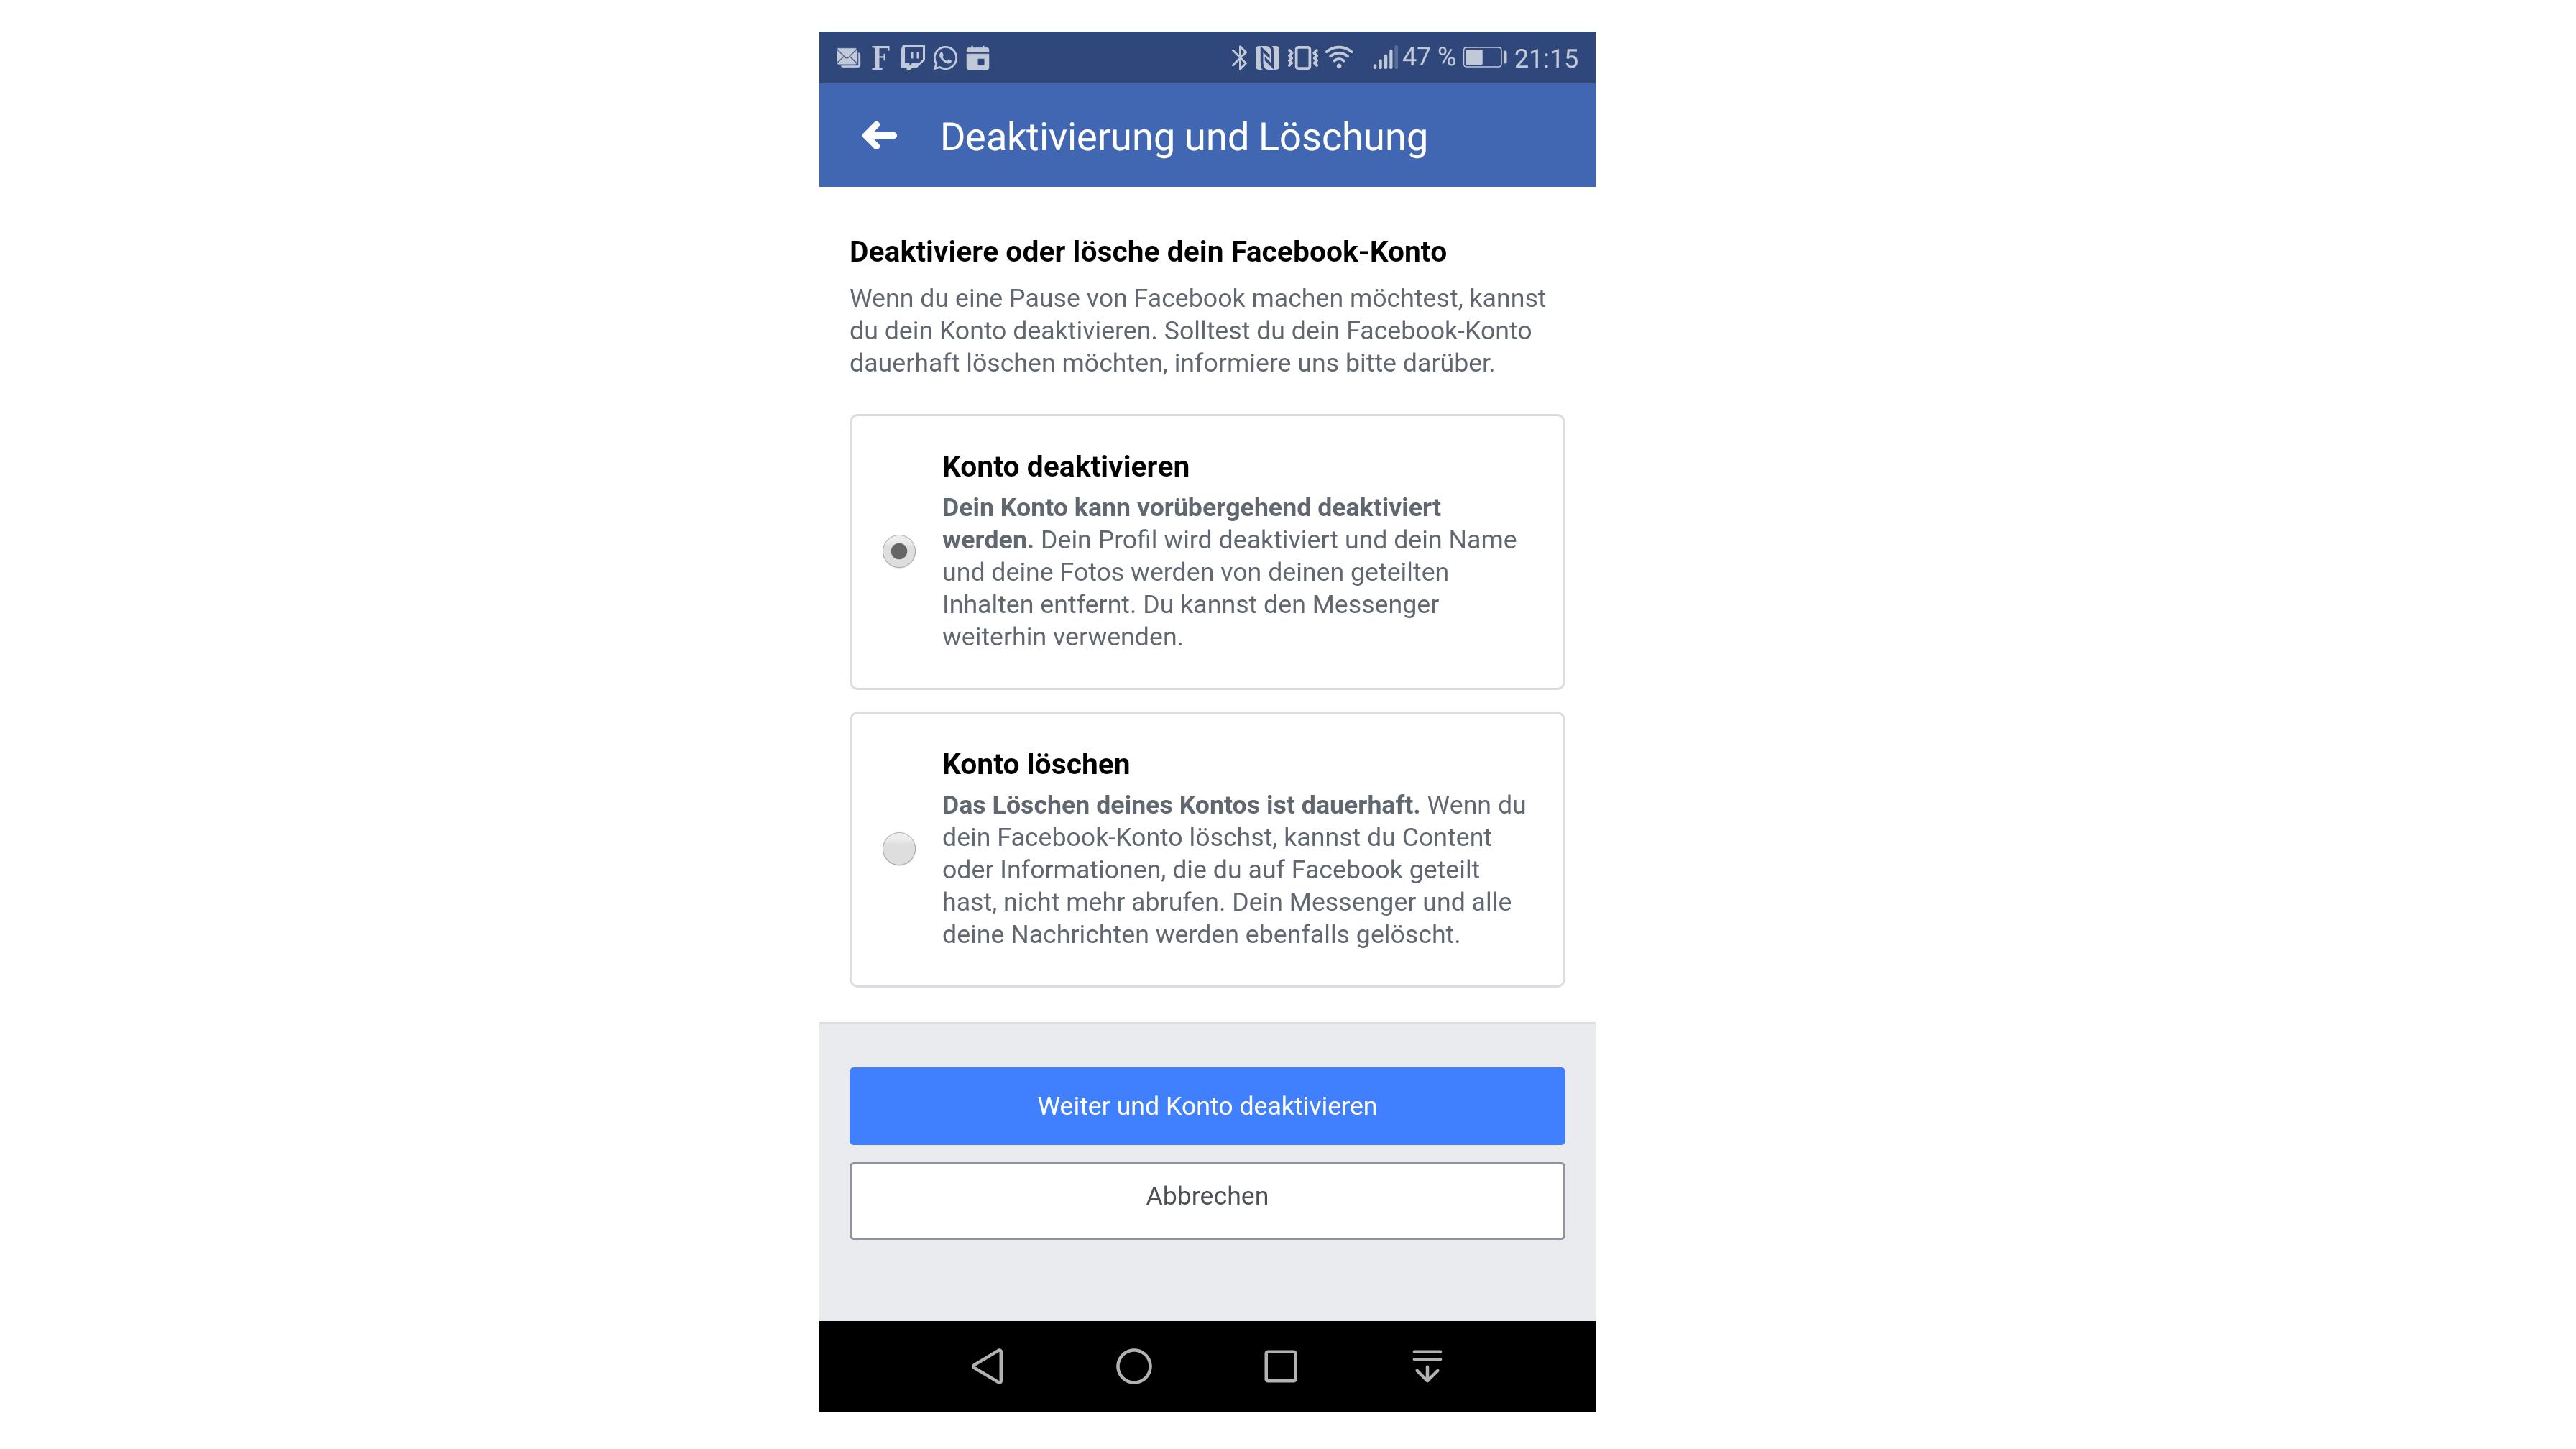 Facebook-App: Konto löschen